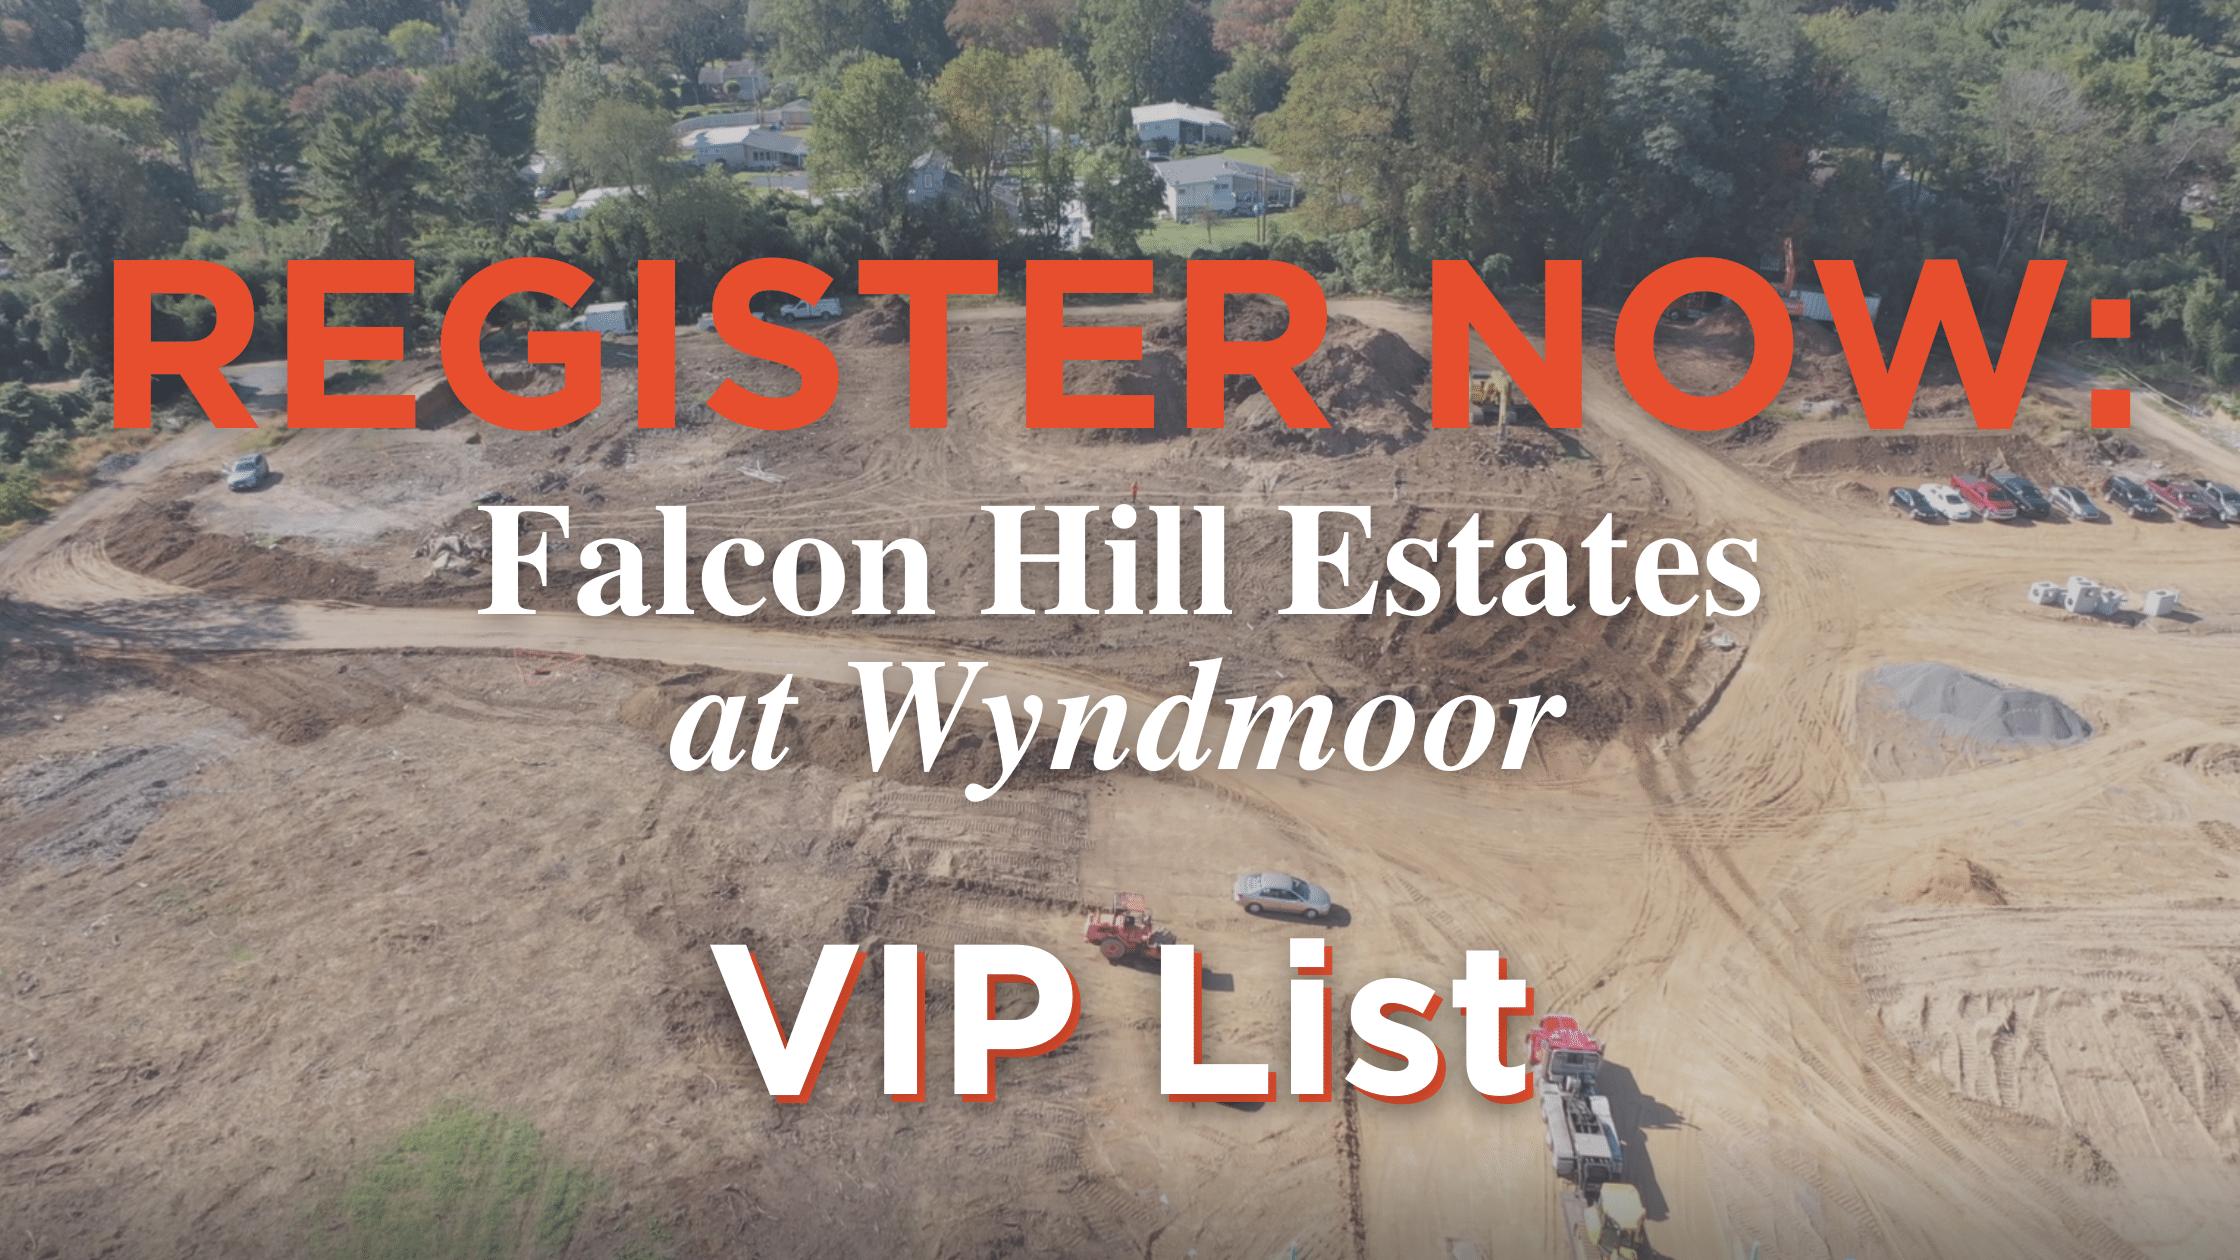 Join the Falcon Hill Estates VIP Interest List